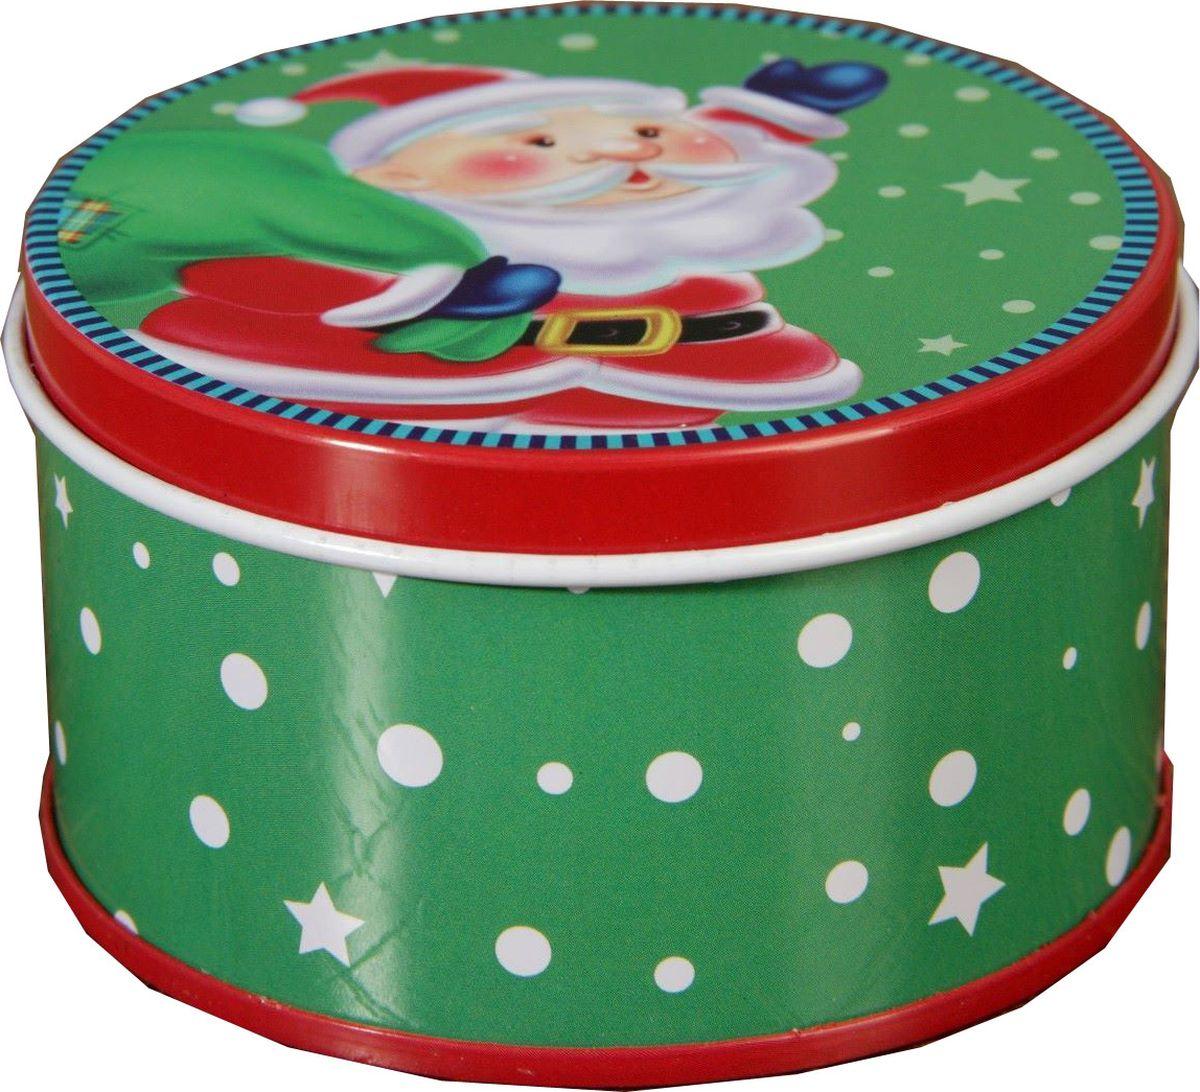 Шкатулка Sima-land Дедушка Мороз с мешком подарков, цвет: зеленый, 4,5 х 8 х 8 см75150Шкатулка — это небольшой сувенир, а также оригинальная упаковка подарка. Она дополнит интерьер спальни, гостиной или прихожей. Изделие выполнено из металла и предназначено для хранения украшений: колец, браслетов, часов, цепочек, колье, сережек и прочих предметов.